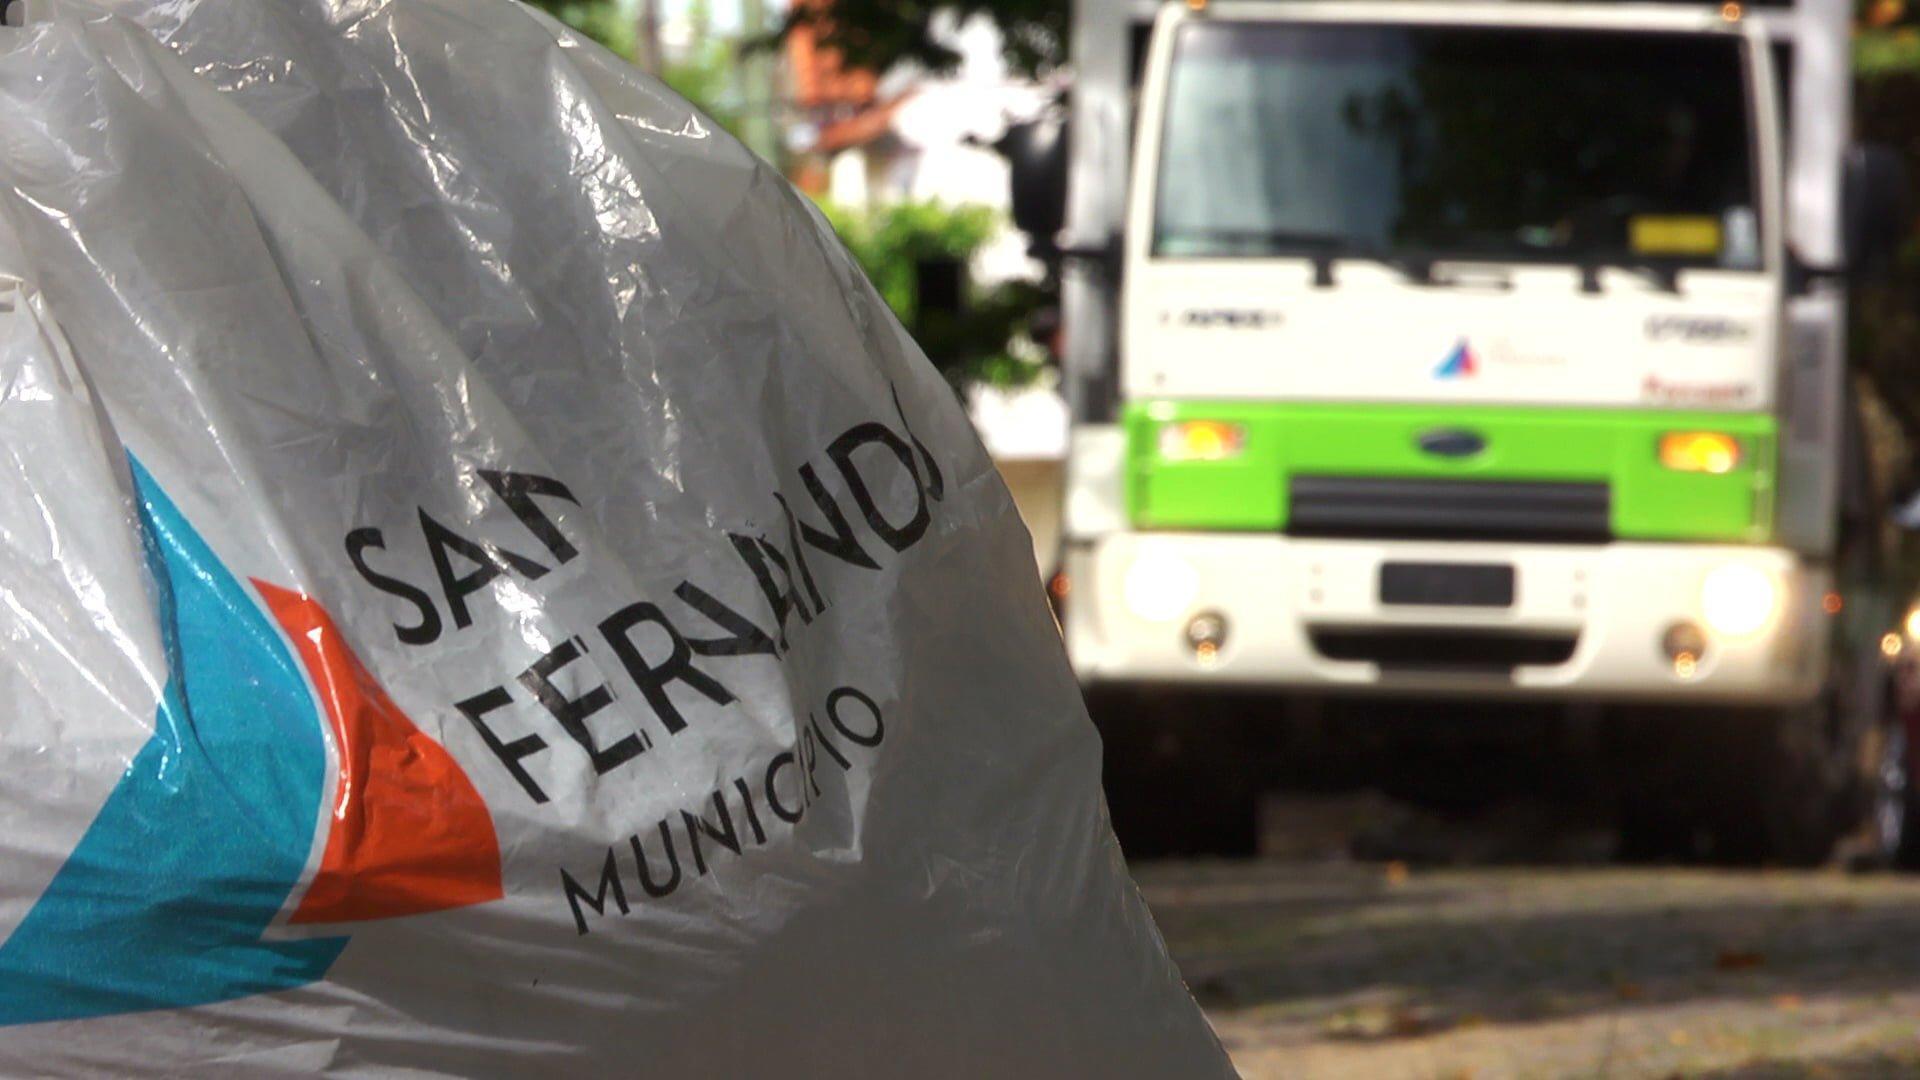 ¿Se saca la basura el lunes feriado en San Fernando? - Que Pasa Web